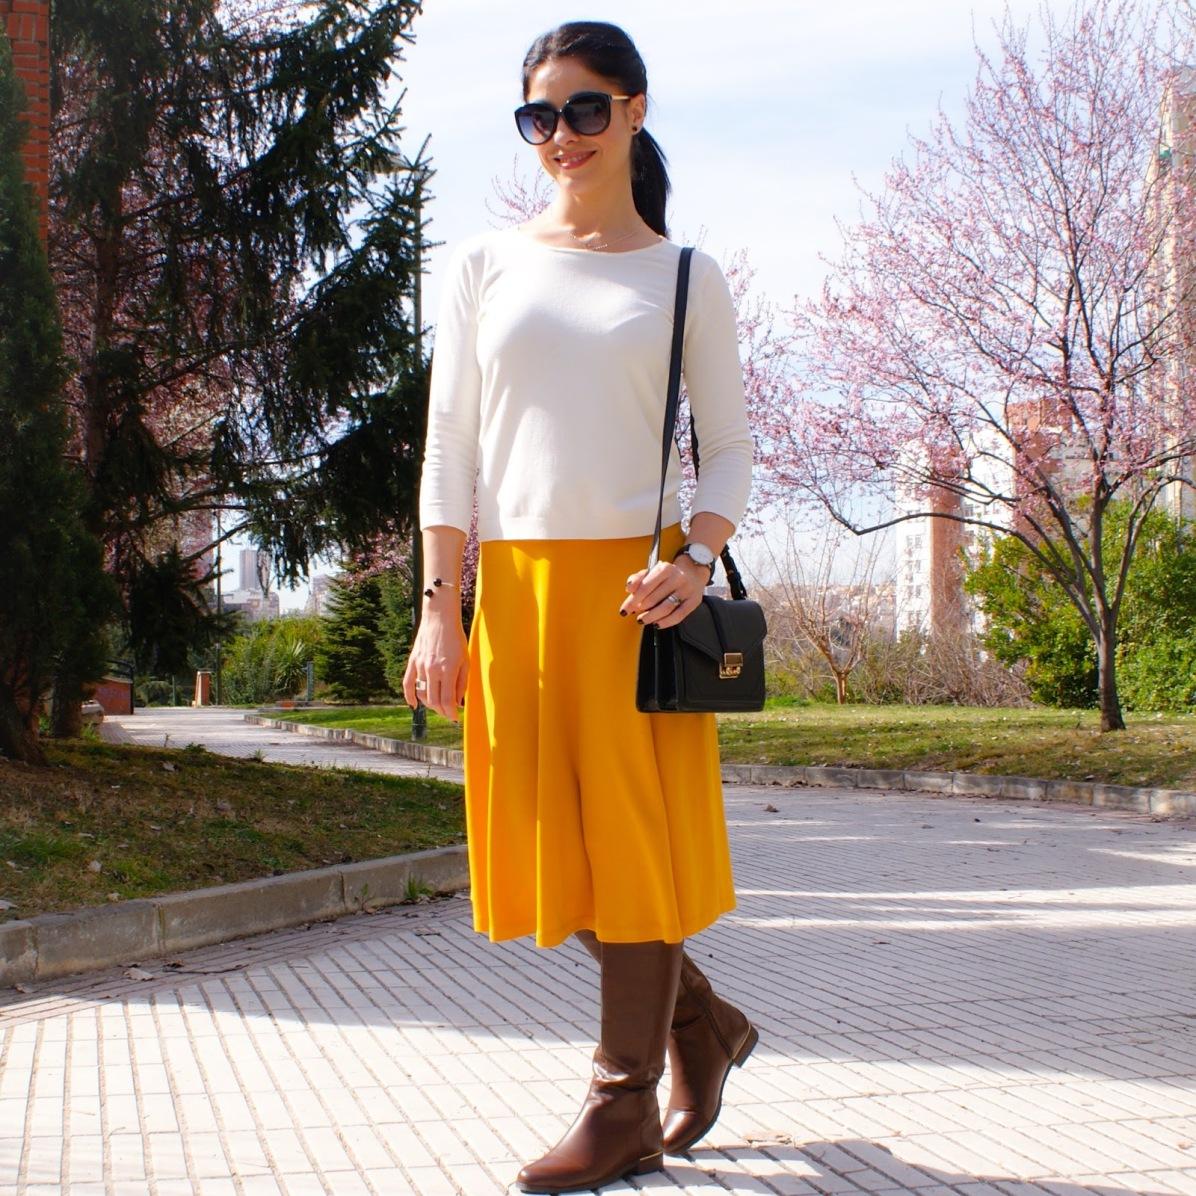 la-caprichossa-blog-de-moda-invierno-2015-style-outfit-total-look-falda-midi-botas-altas-06